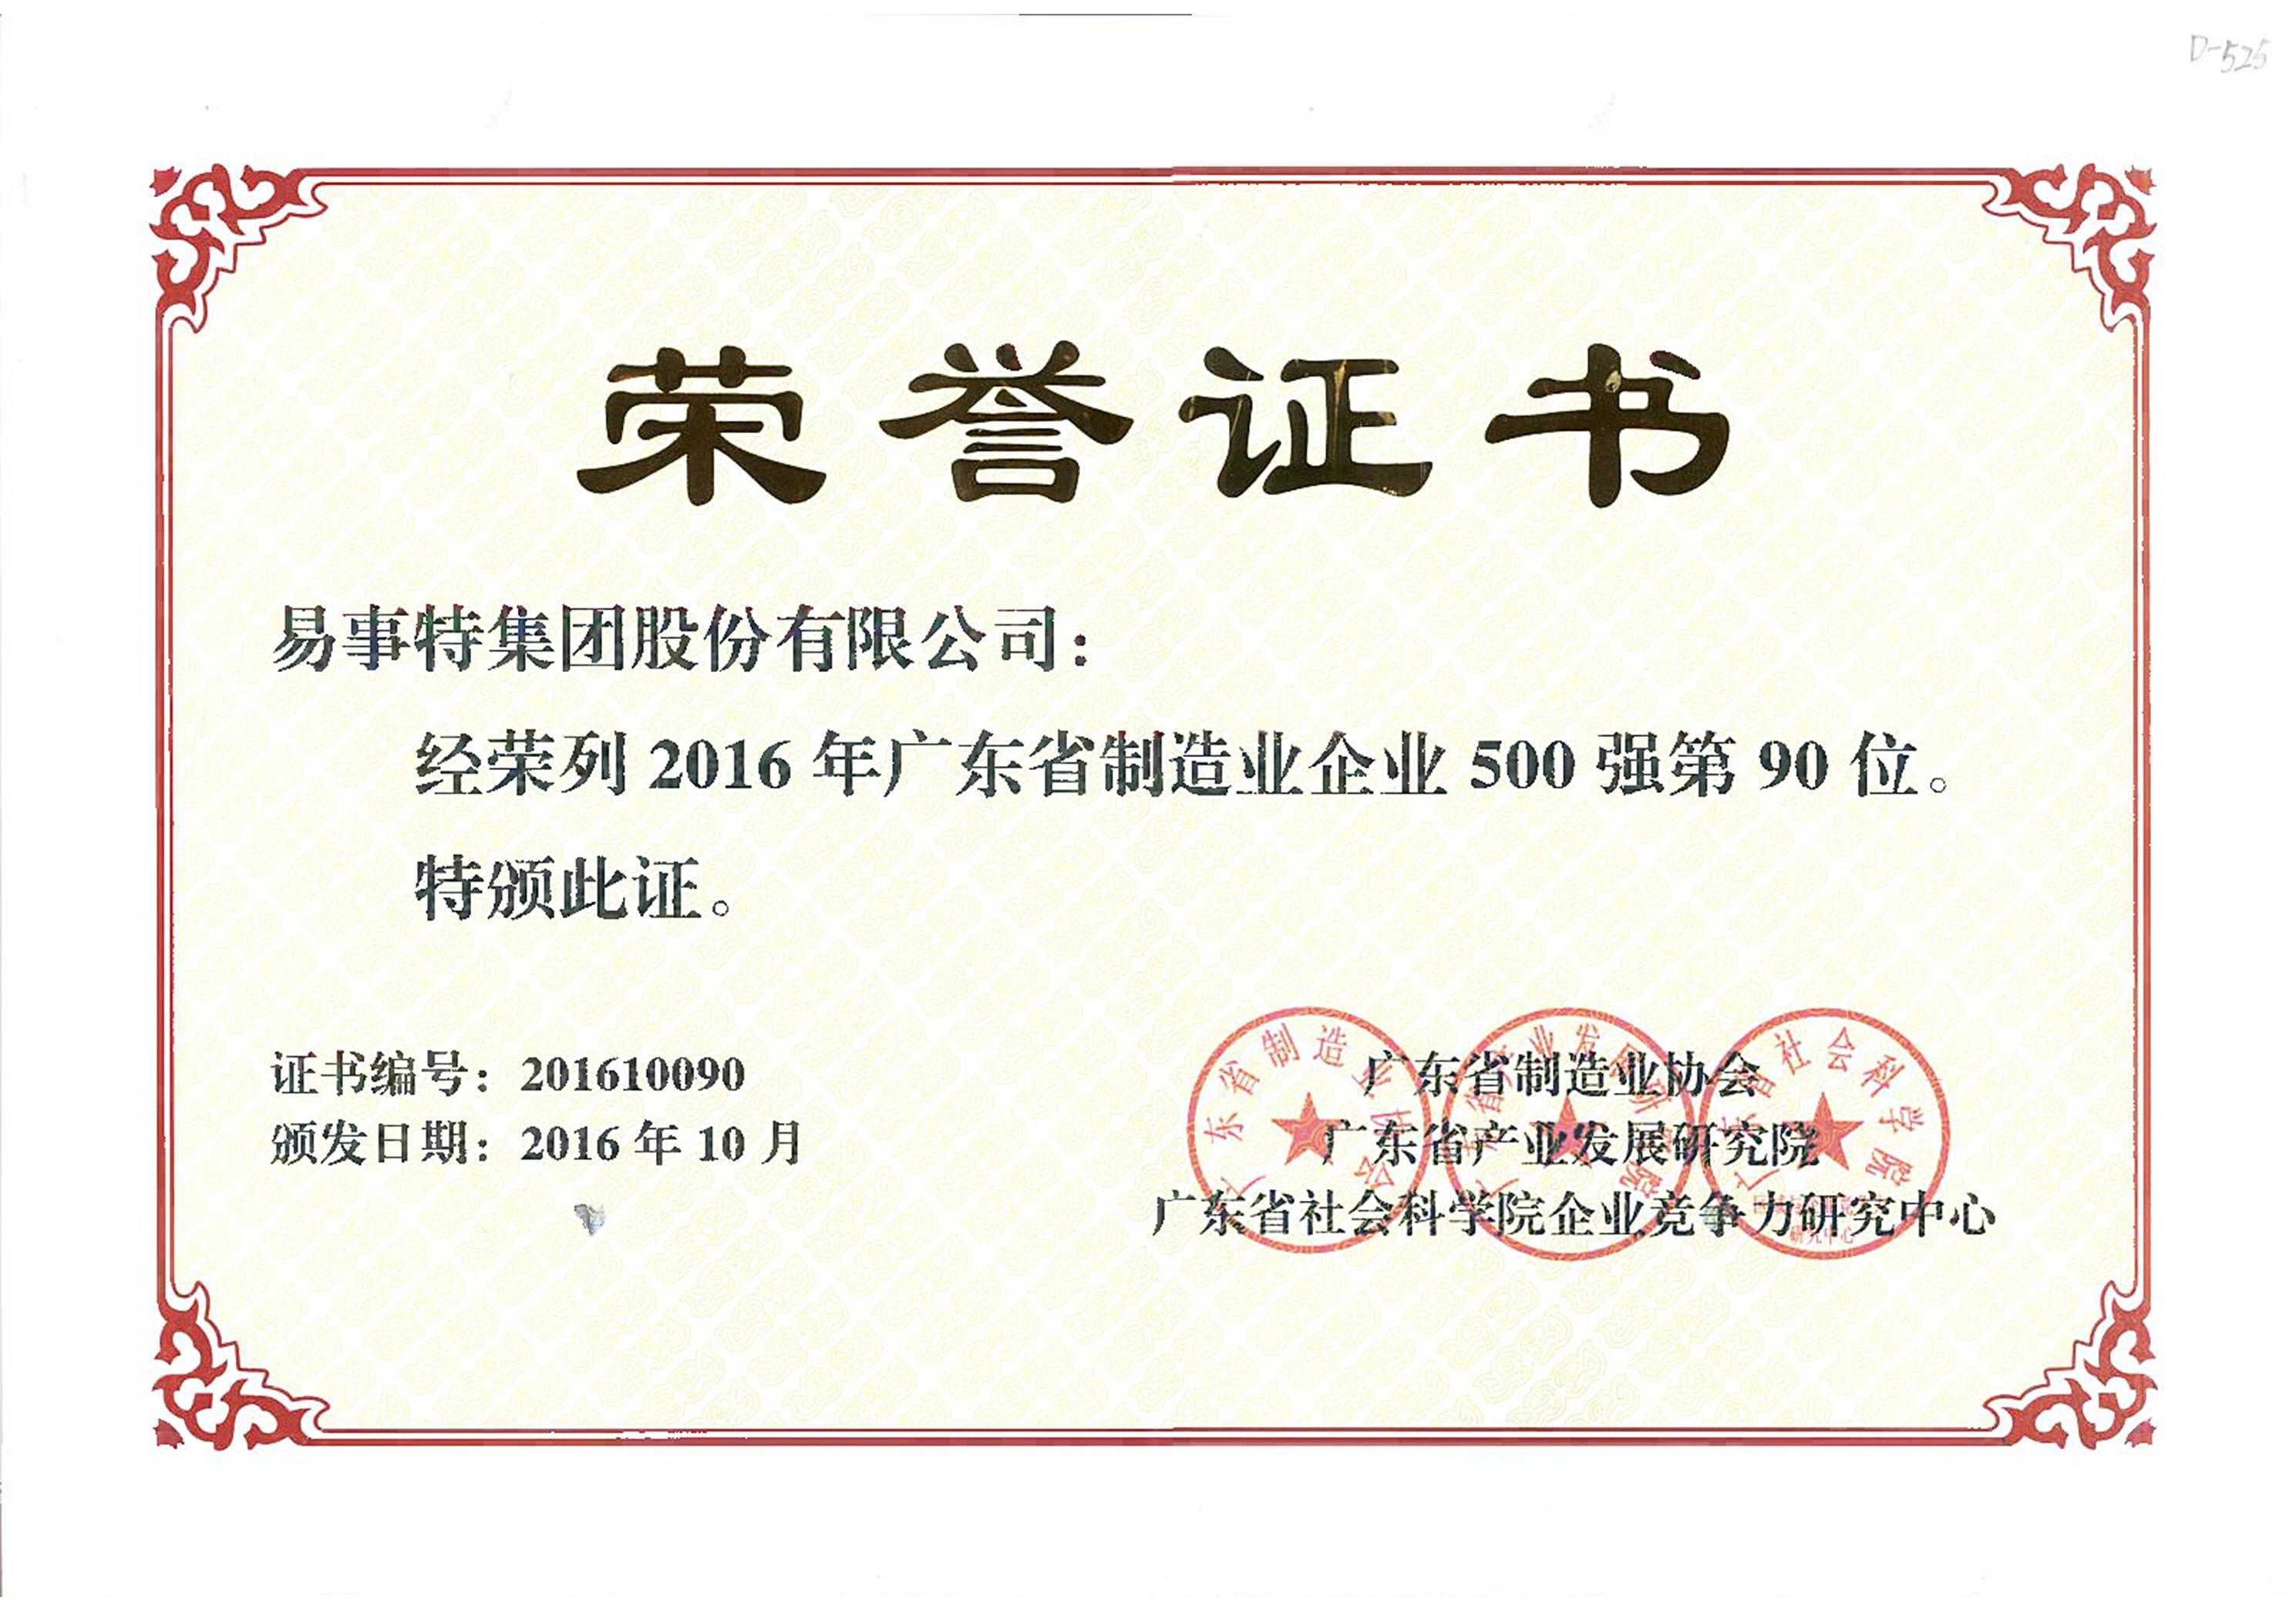 2016年广东省制造业企业500强第90位